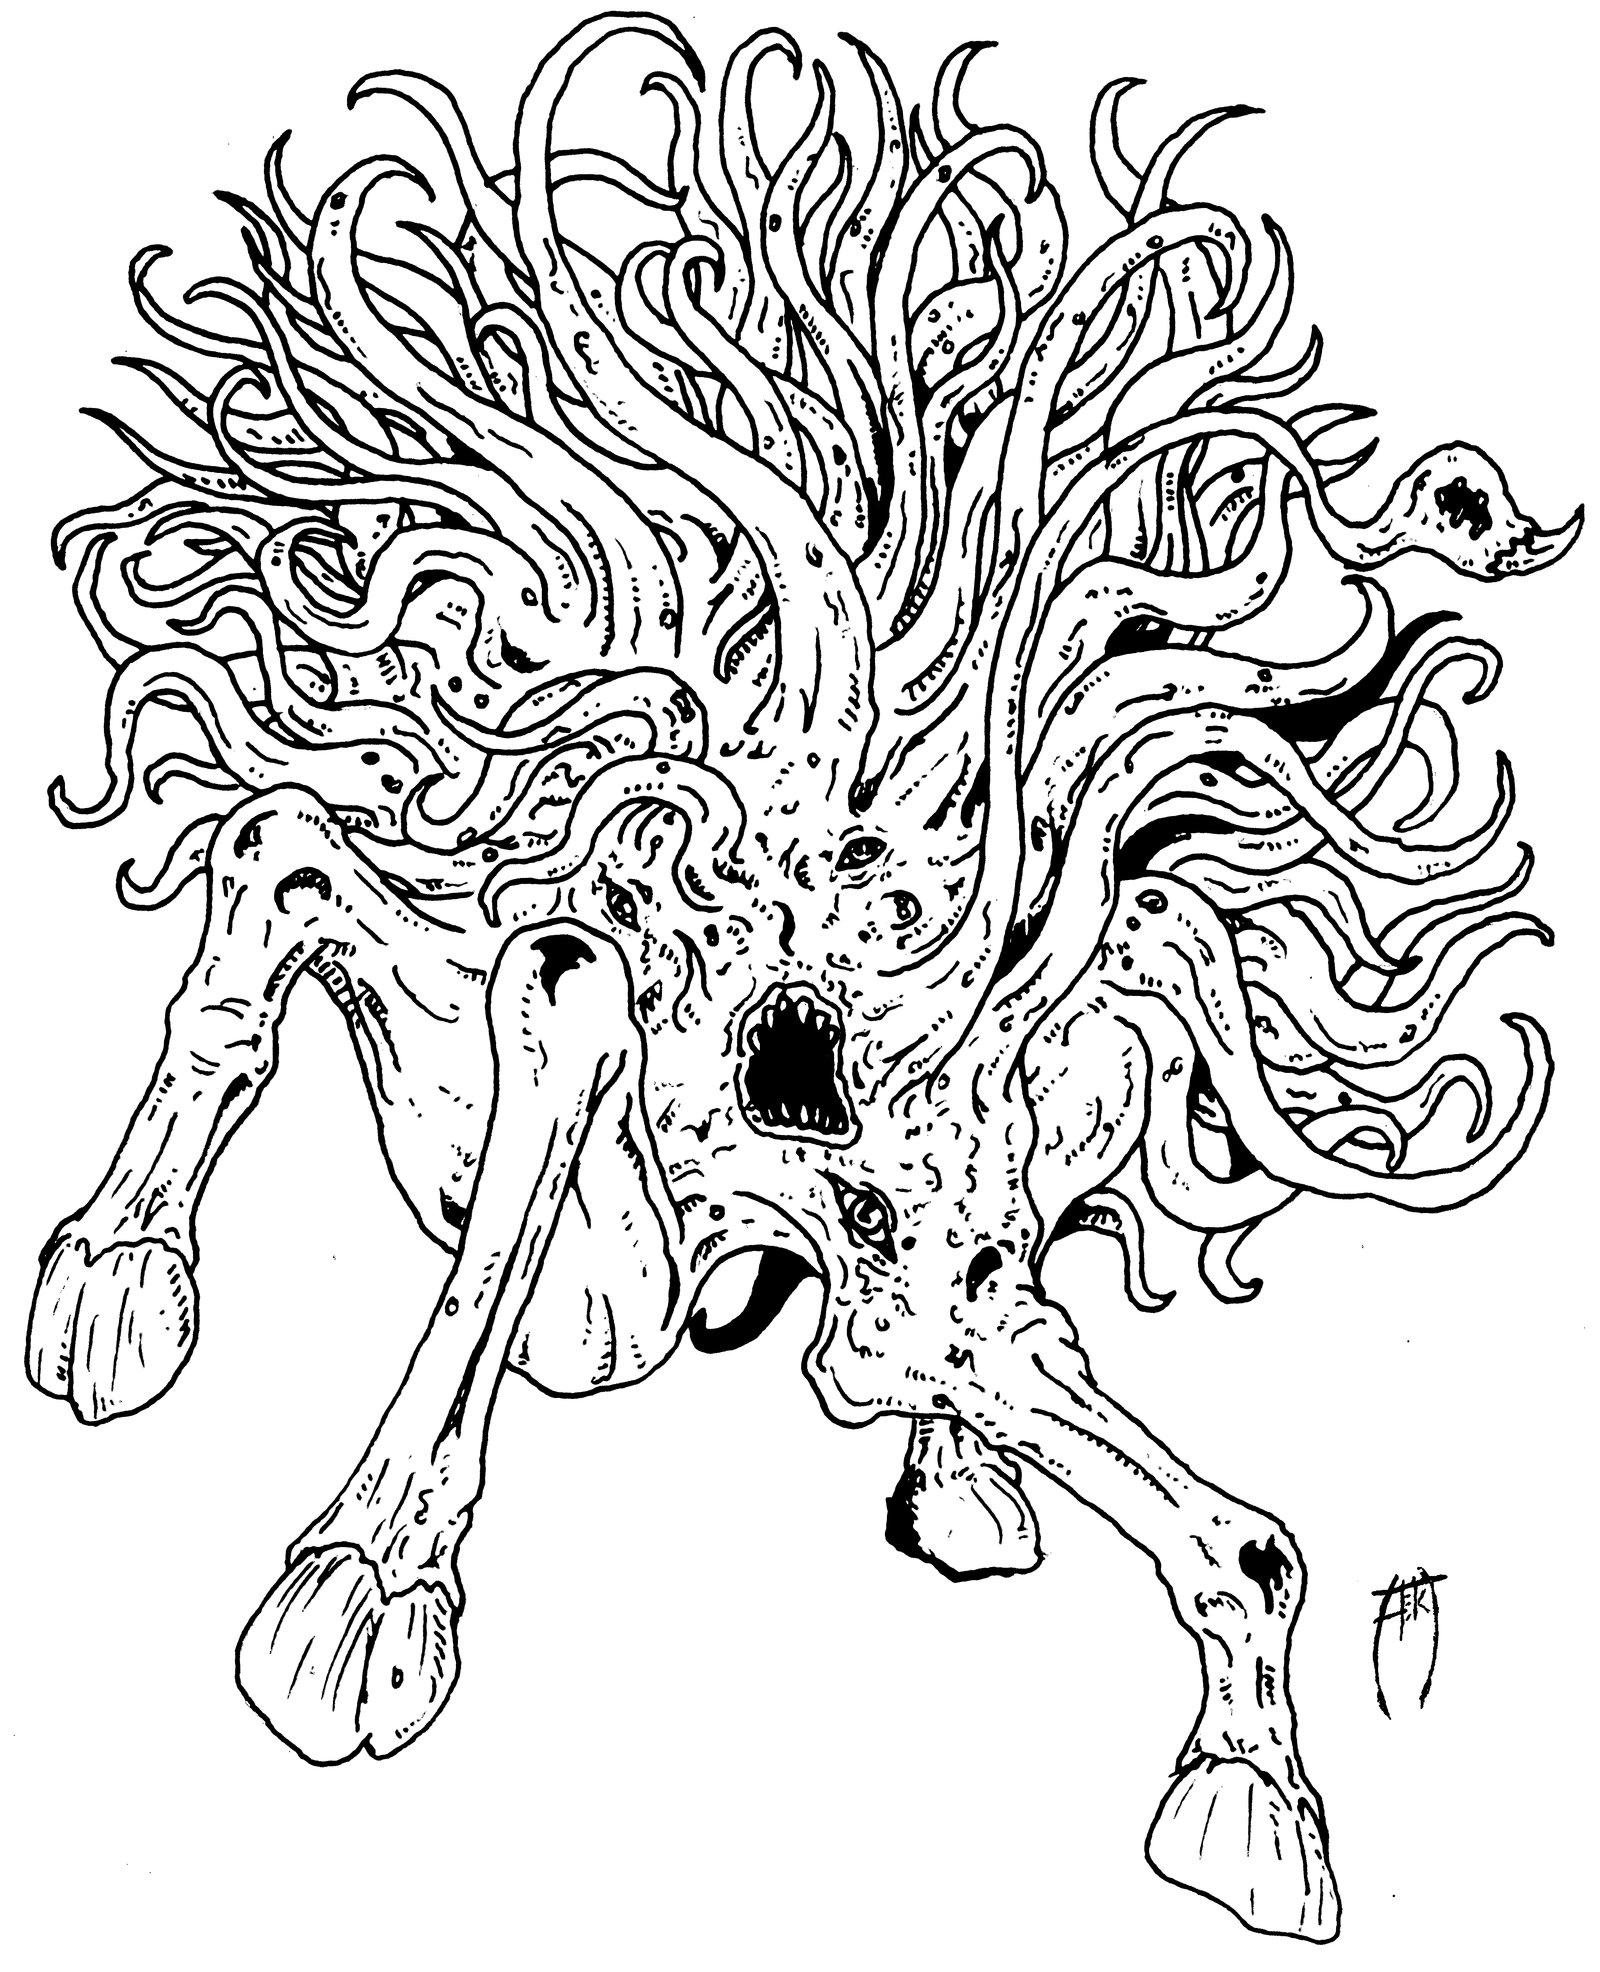 Shub-niggurath coloring #7, Download drawings